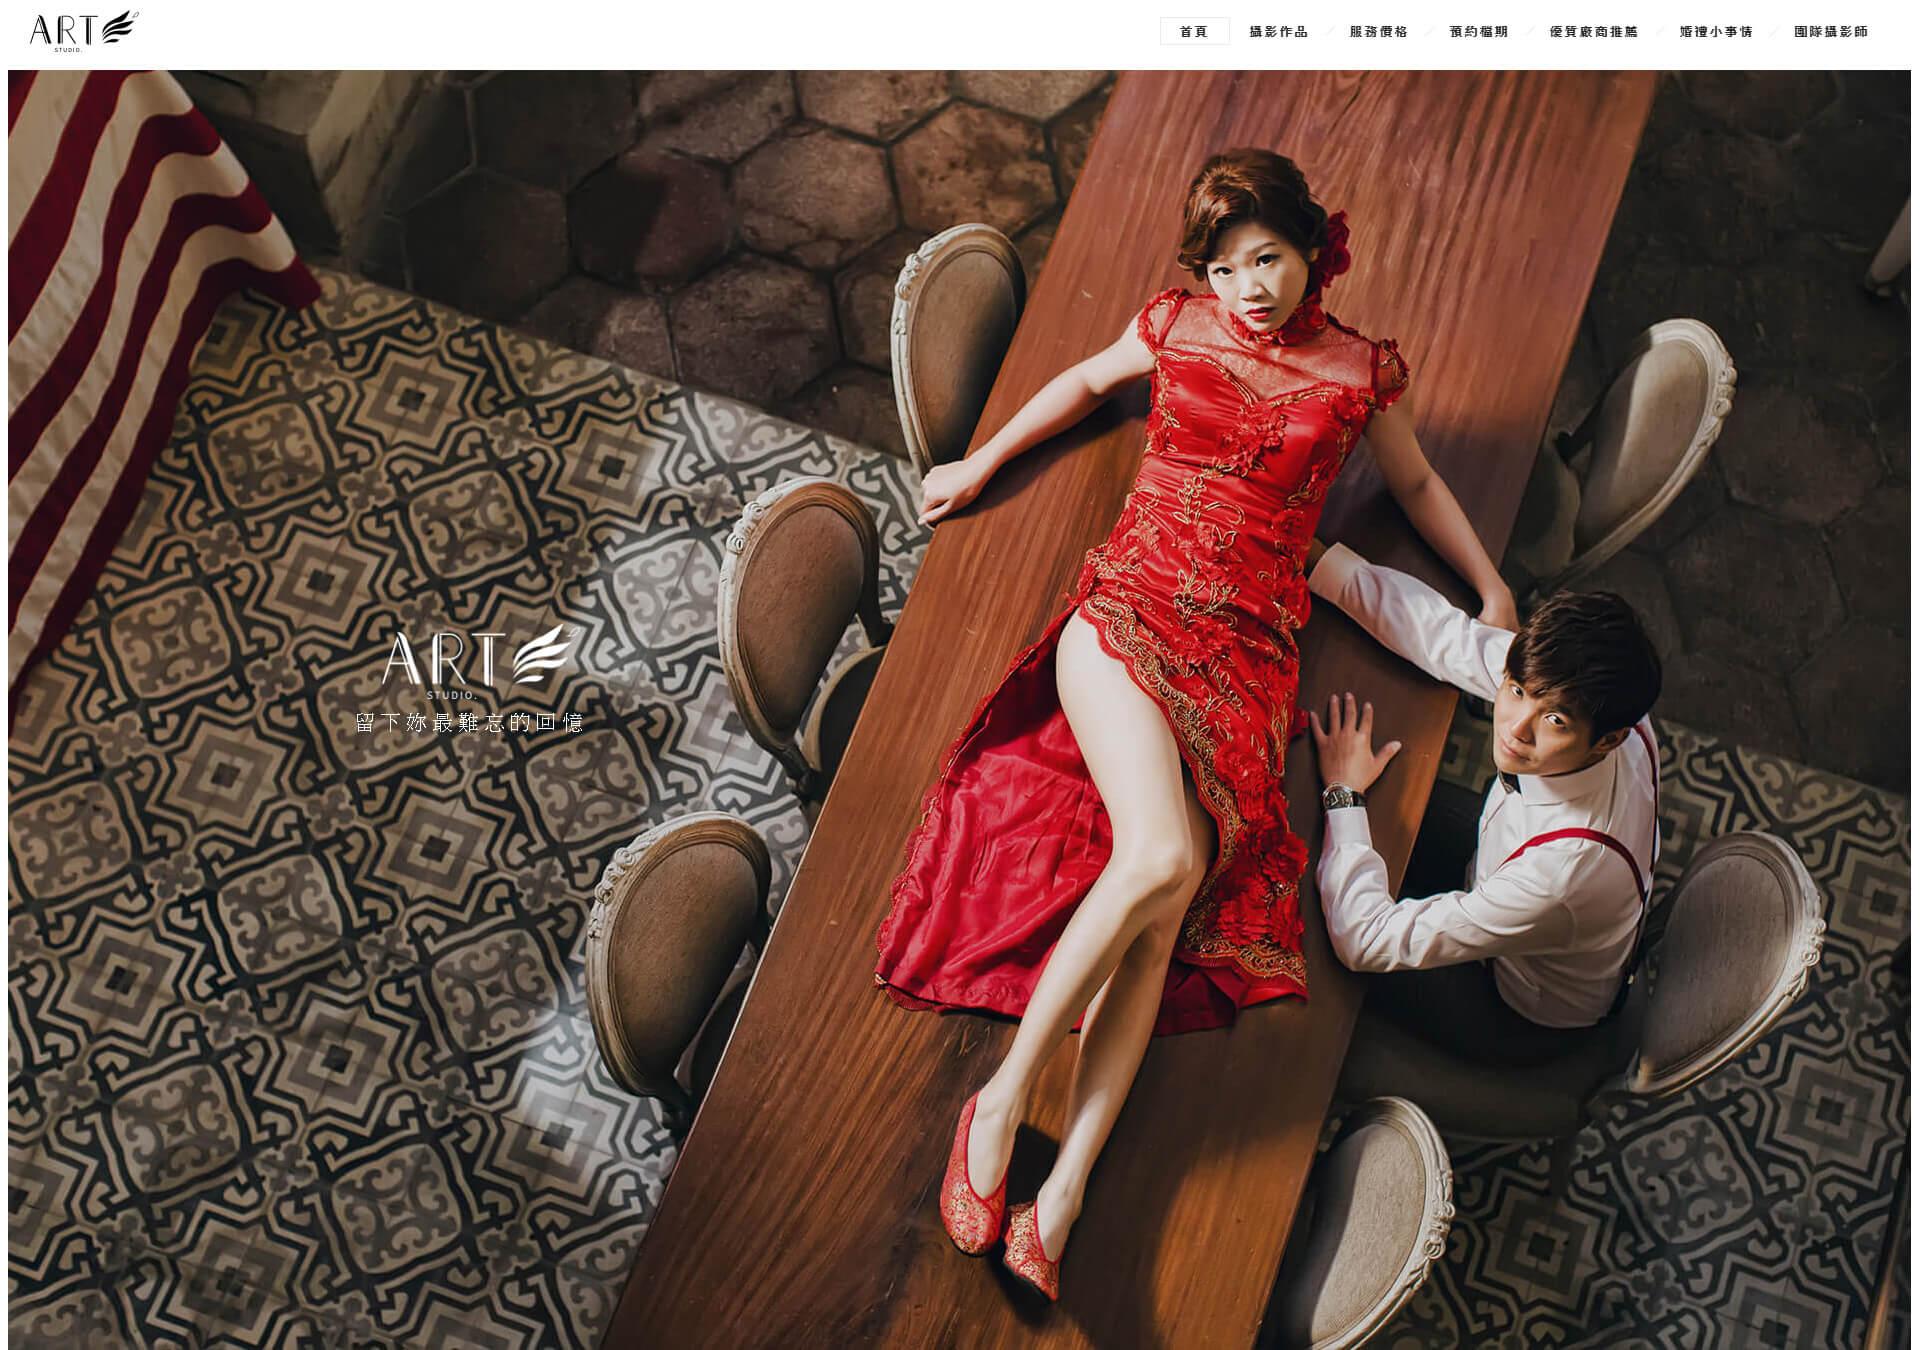 獨角獸工坊 - SEO 優化 | 網站設計 | 網站架設 氛圍記憶